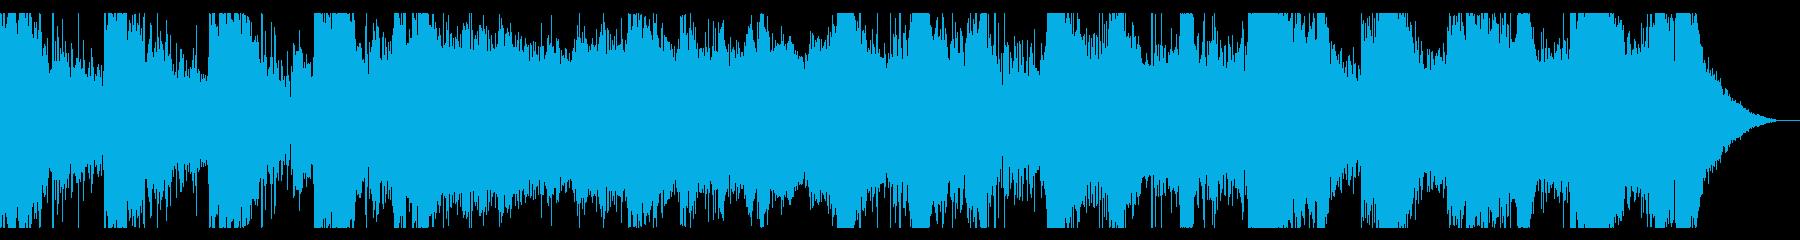 SF・ホラー向けシネマティックBGMの再生済みの波形